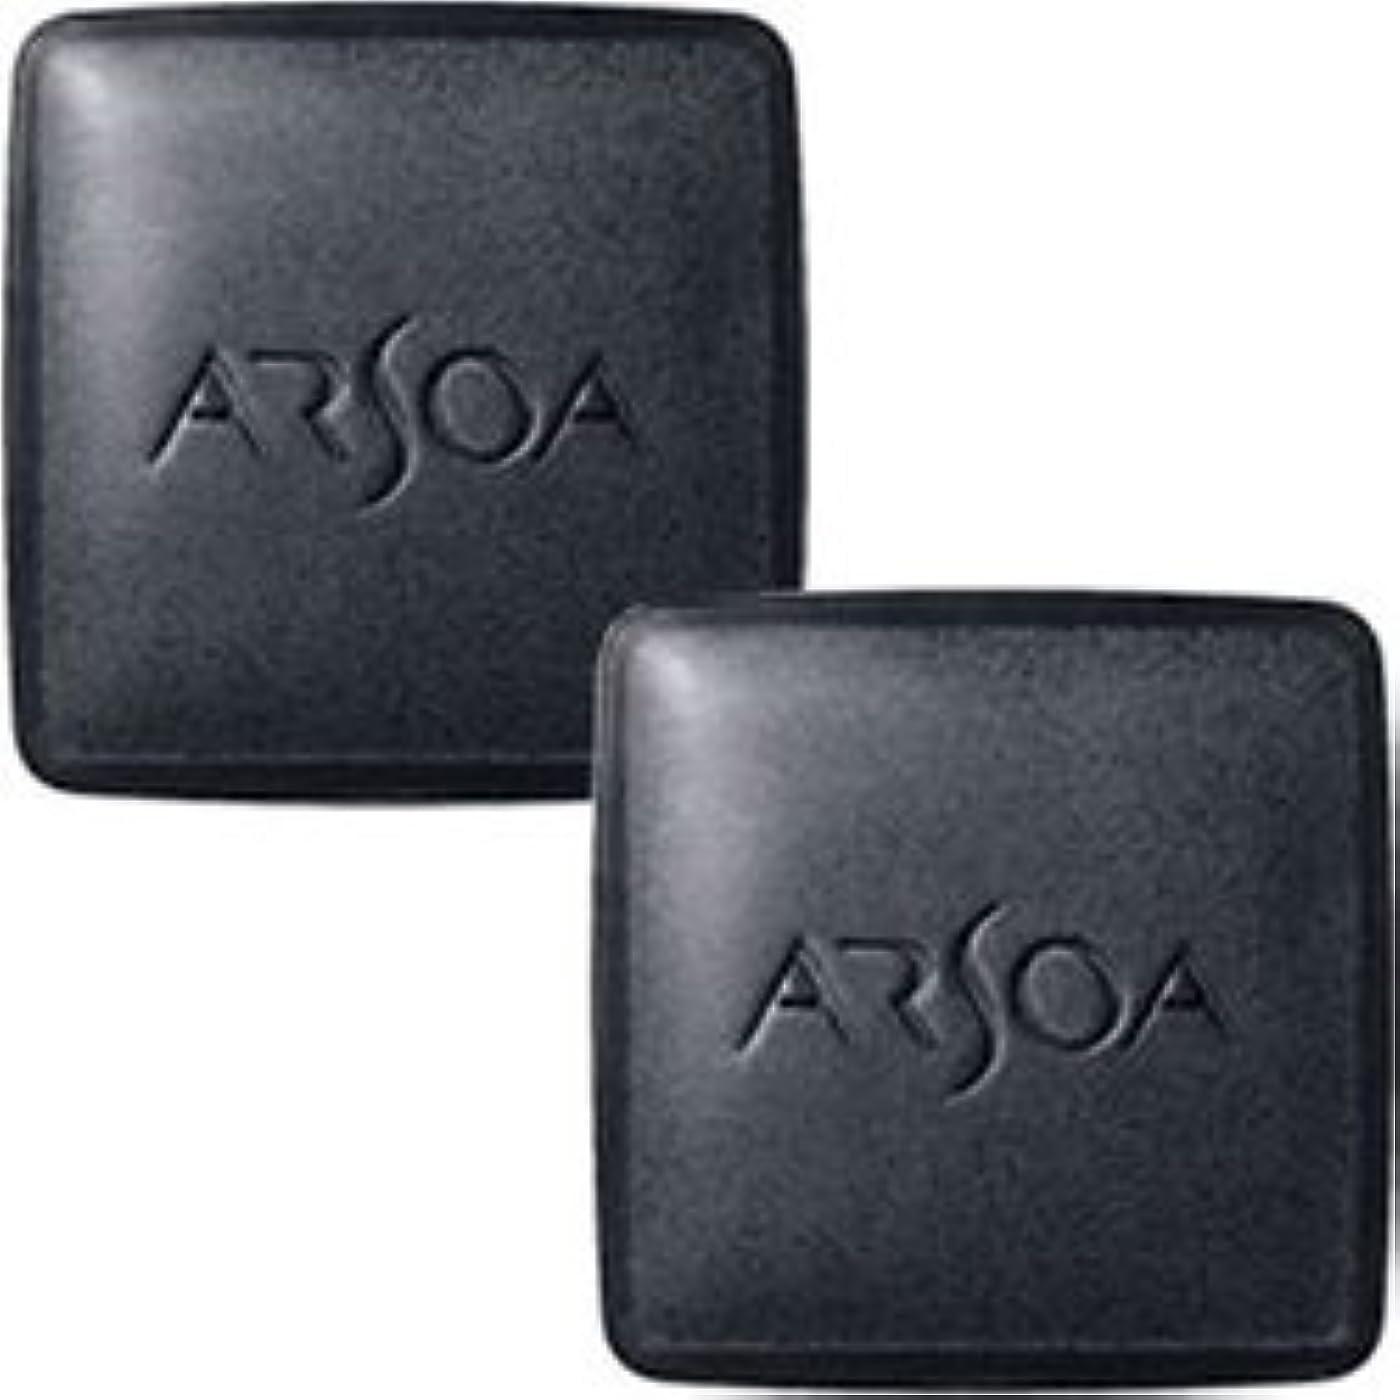 分割取り出す音声学アルソア(ARSOA) クイーンシルバー メイトサイズ(20g×2個入)[並行輸入品]